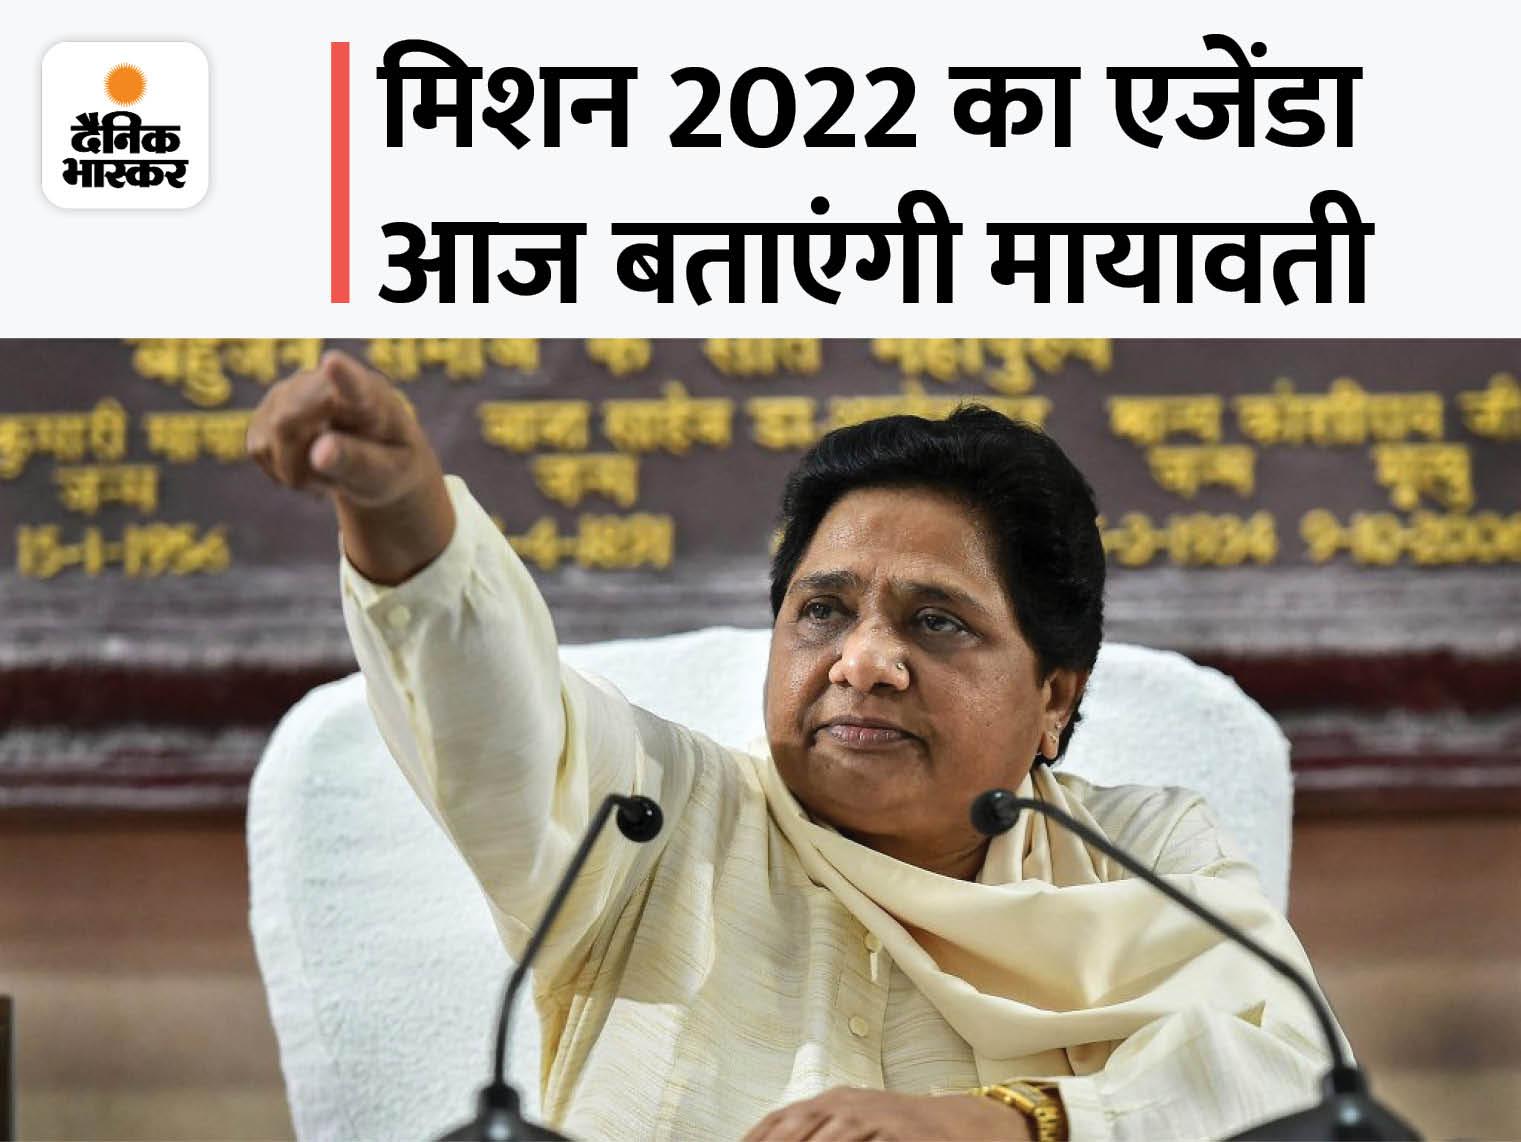 लोकसभा चुनाव के बाद पहली बार सार्वजनिक मंच पर दिखेंगी मायावती, 75 जिलों से आए ब्राह्मण कोआर्डिनेटर्स से करेंगी संवाद|लखनऊ,Lucknow - Dainik Bhaskar